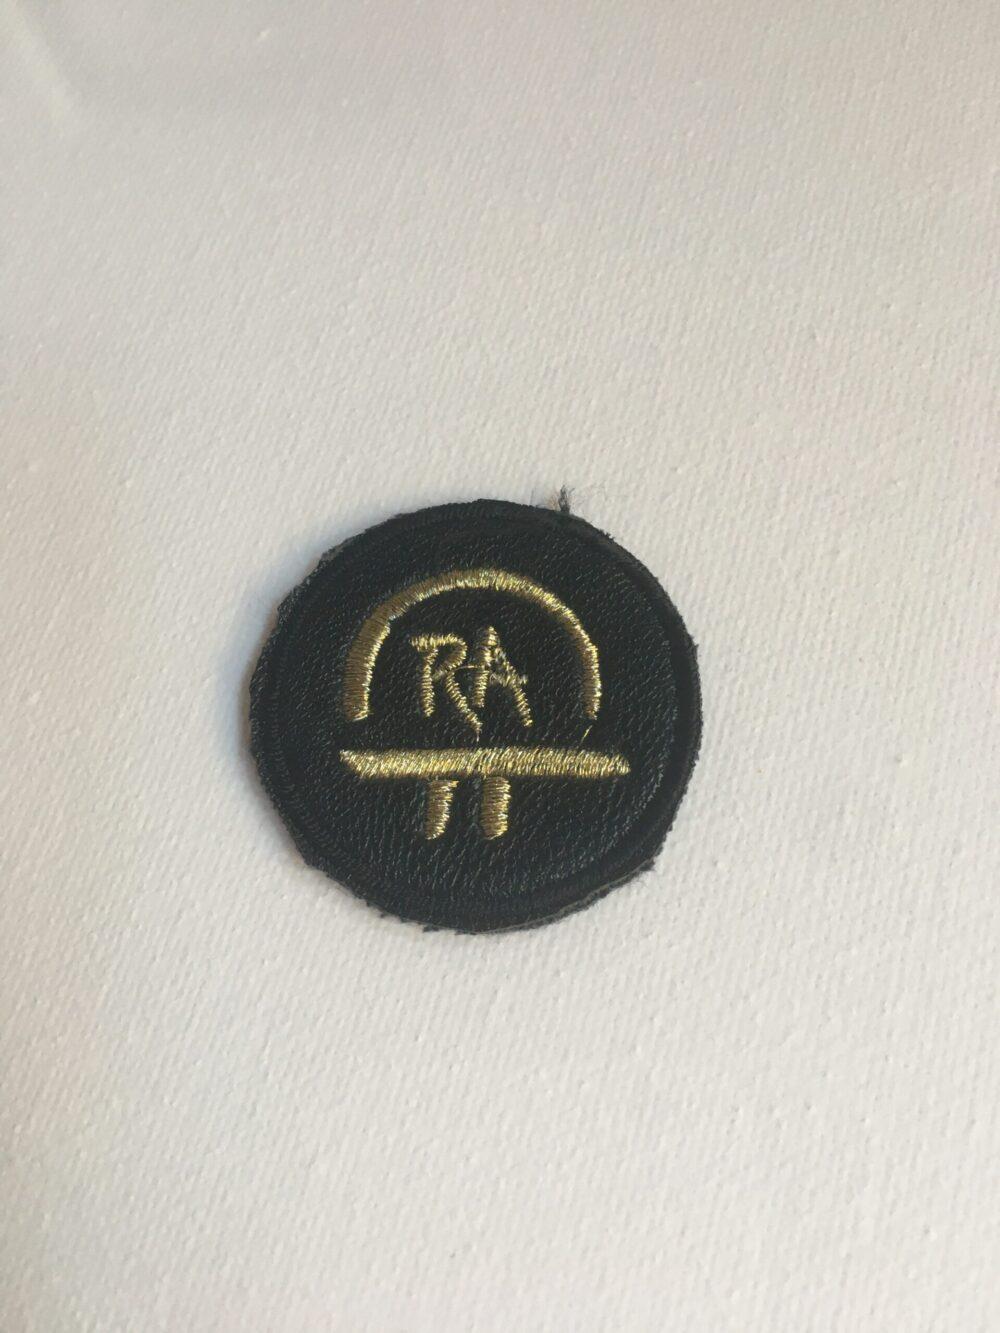 Nášivka S Ochranným Symbolem RA – černá 4 Cm